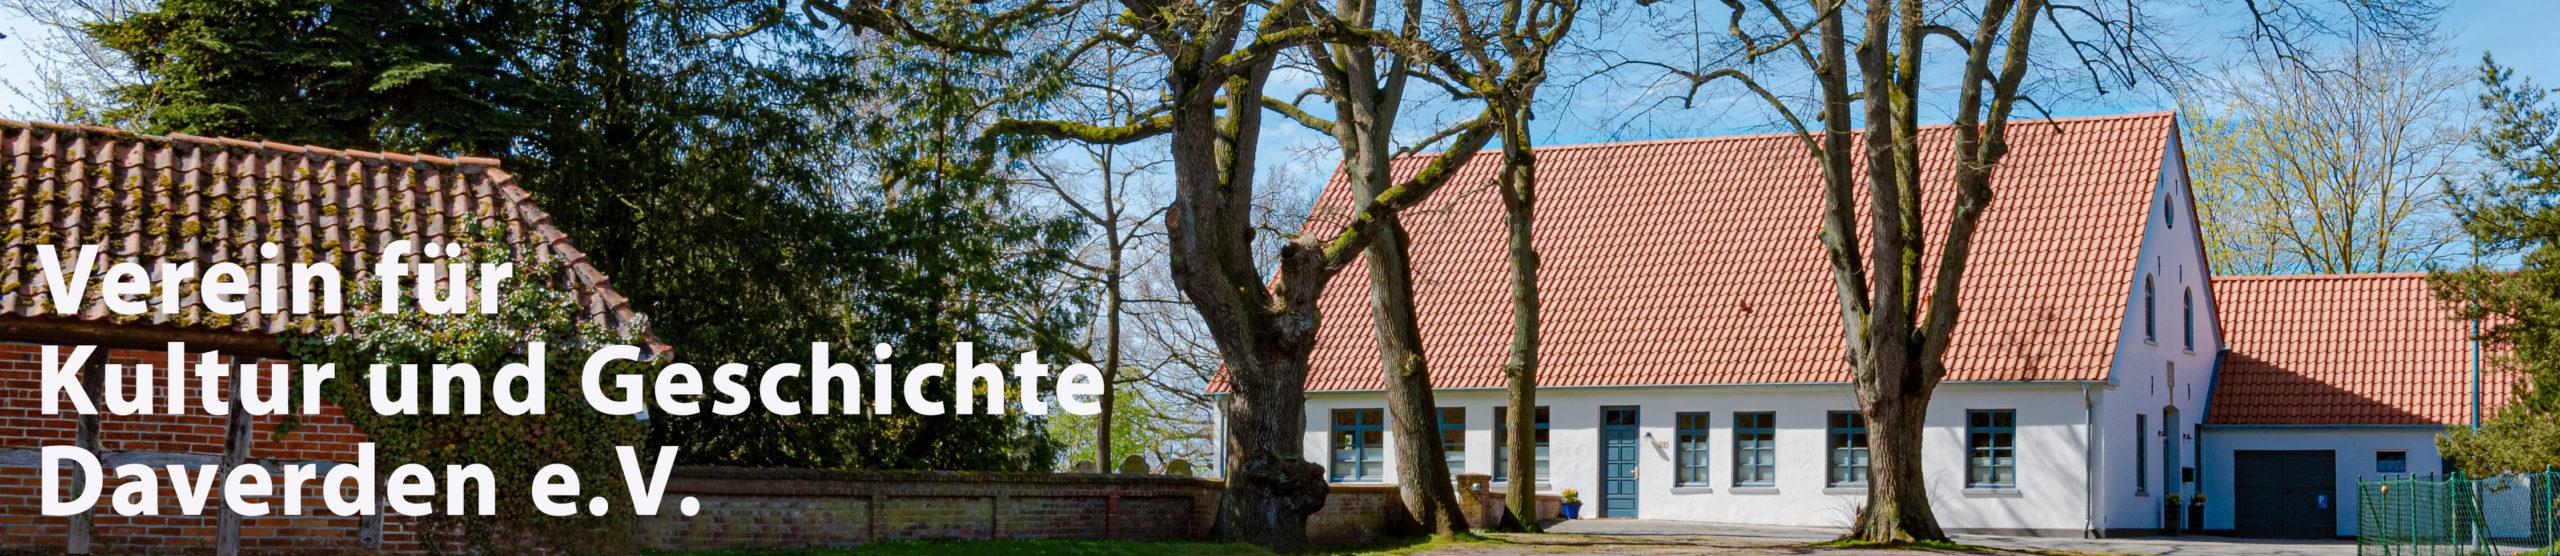 Verein für Kultur und Geschichte Daverden e.V.